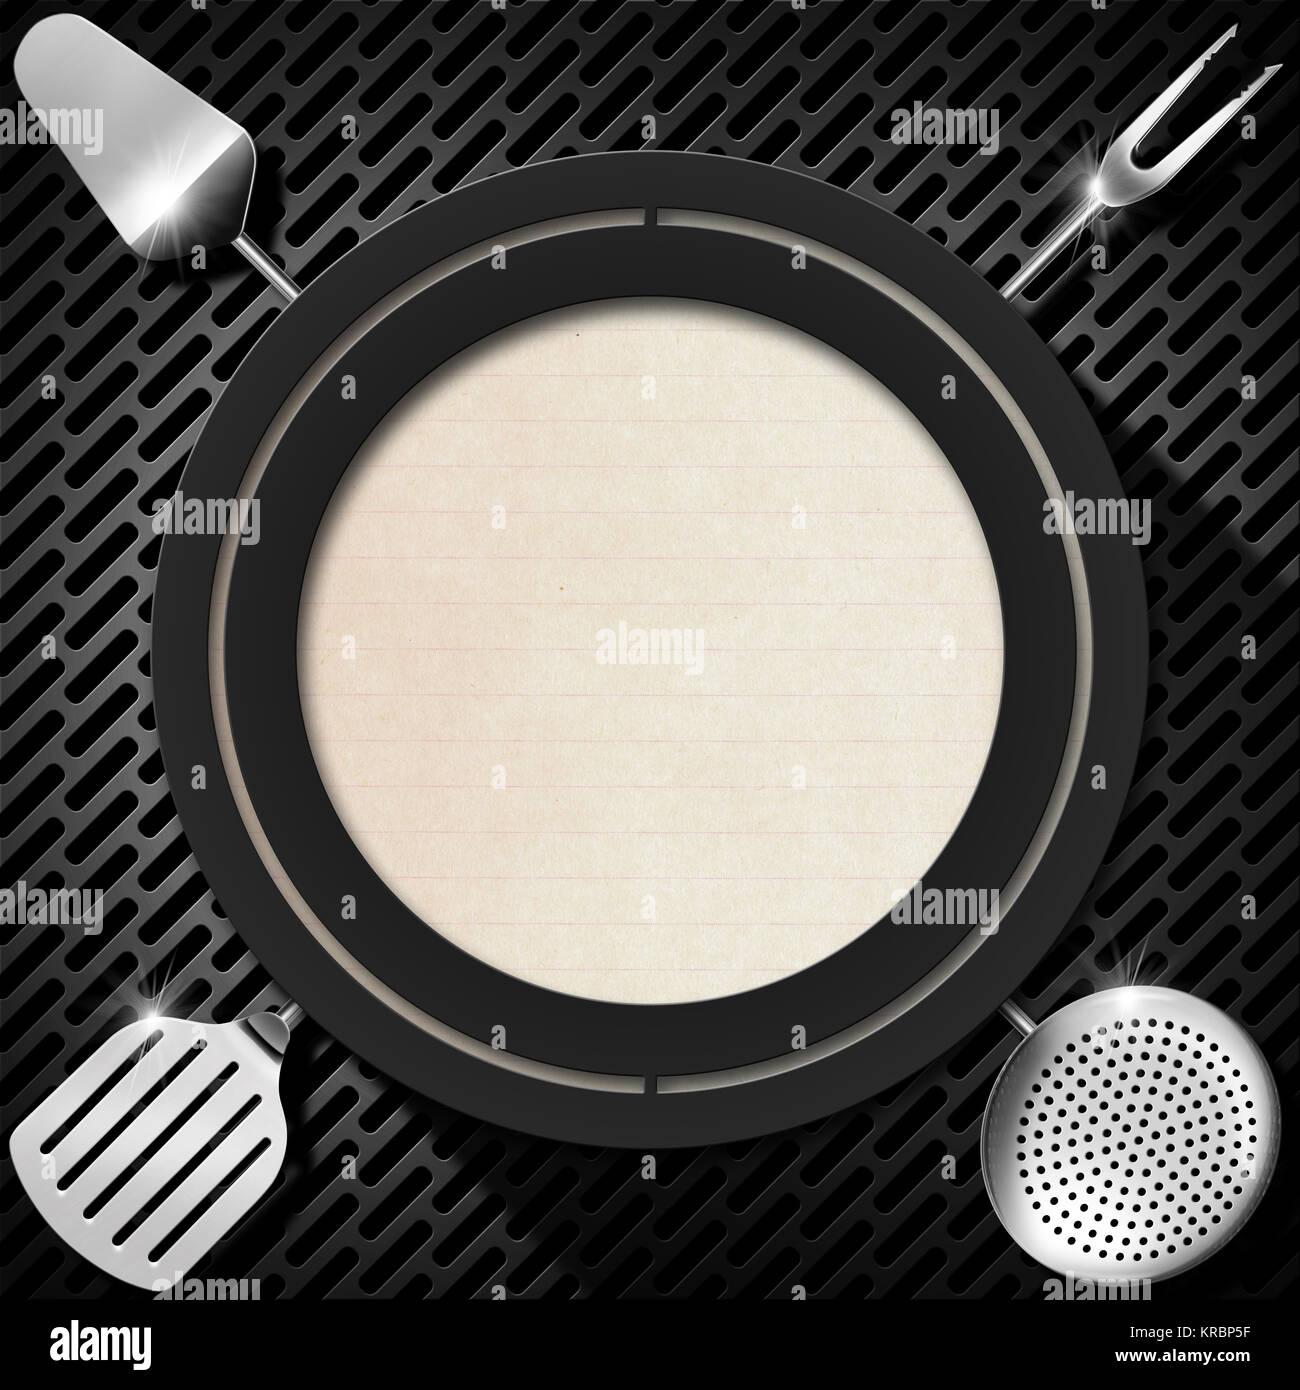 Grauer Kreis mit einem leeren Blatt Papier und Küchengeräte auf ...